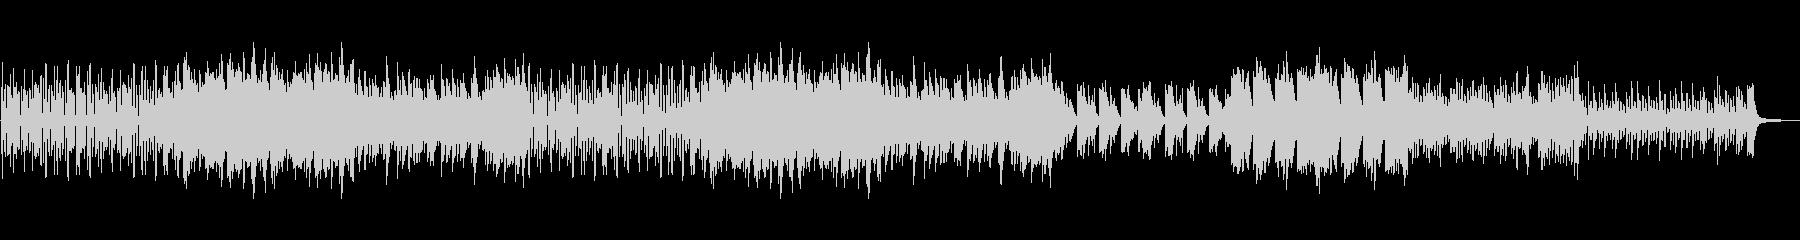 ピアノ/懐かしい/不思議/日常/シンプルの未再生の波形